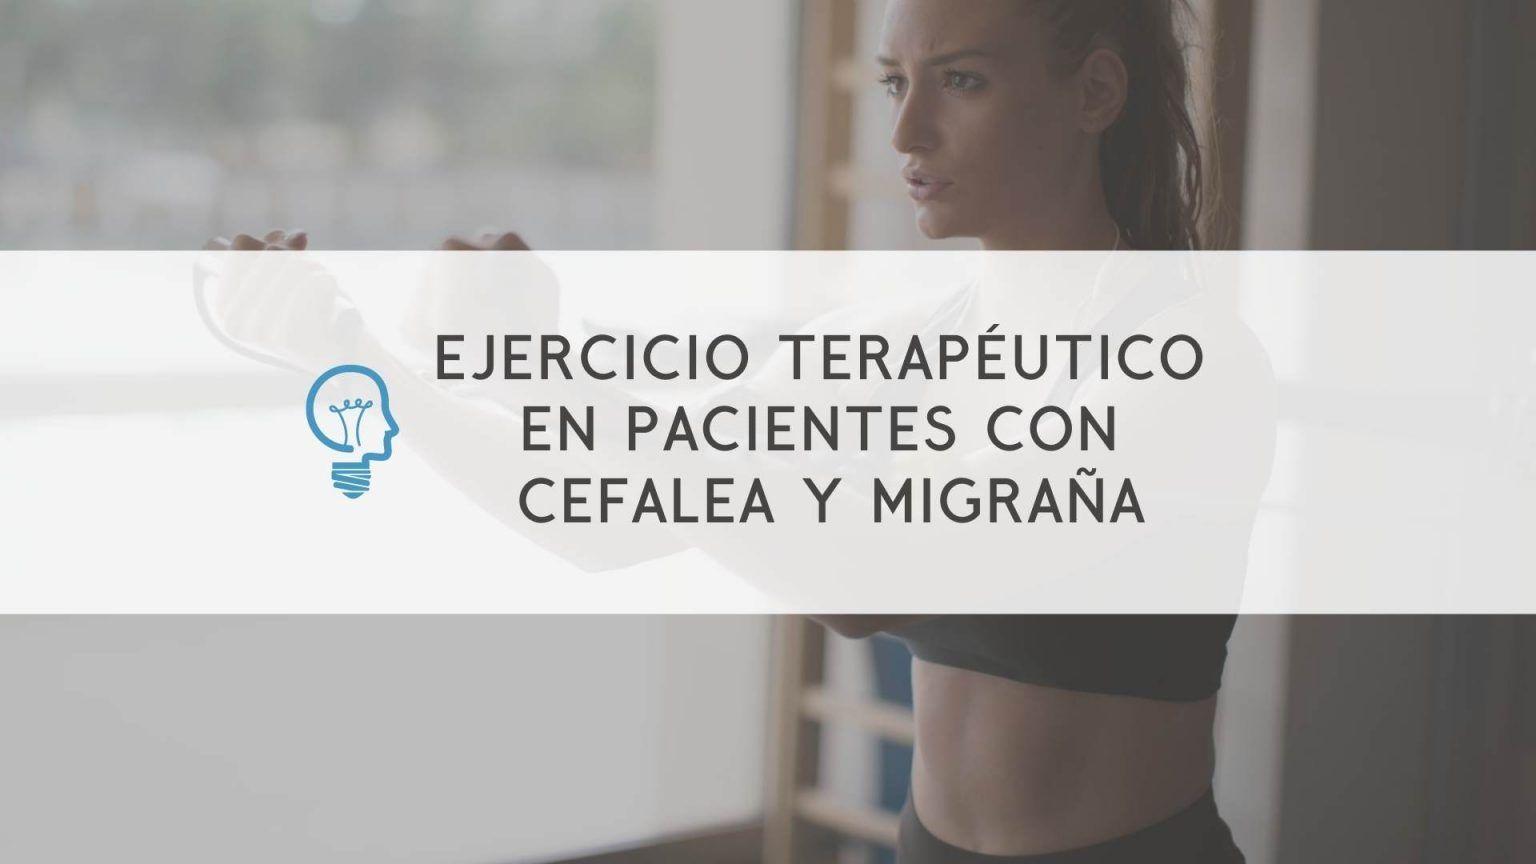 masterclass-ejercicio-terapeutico-cefalea-migrana-2